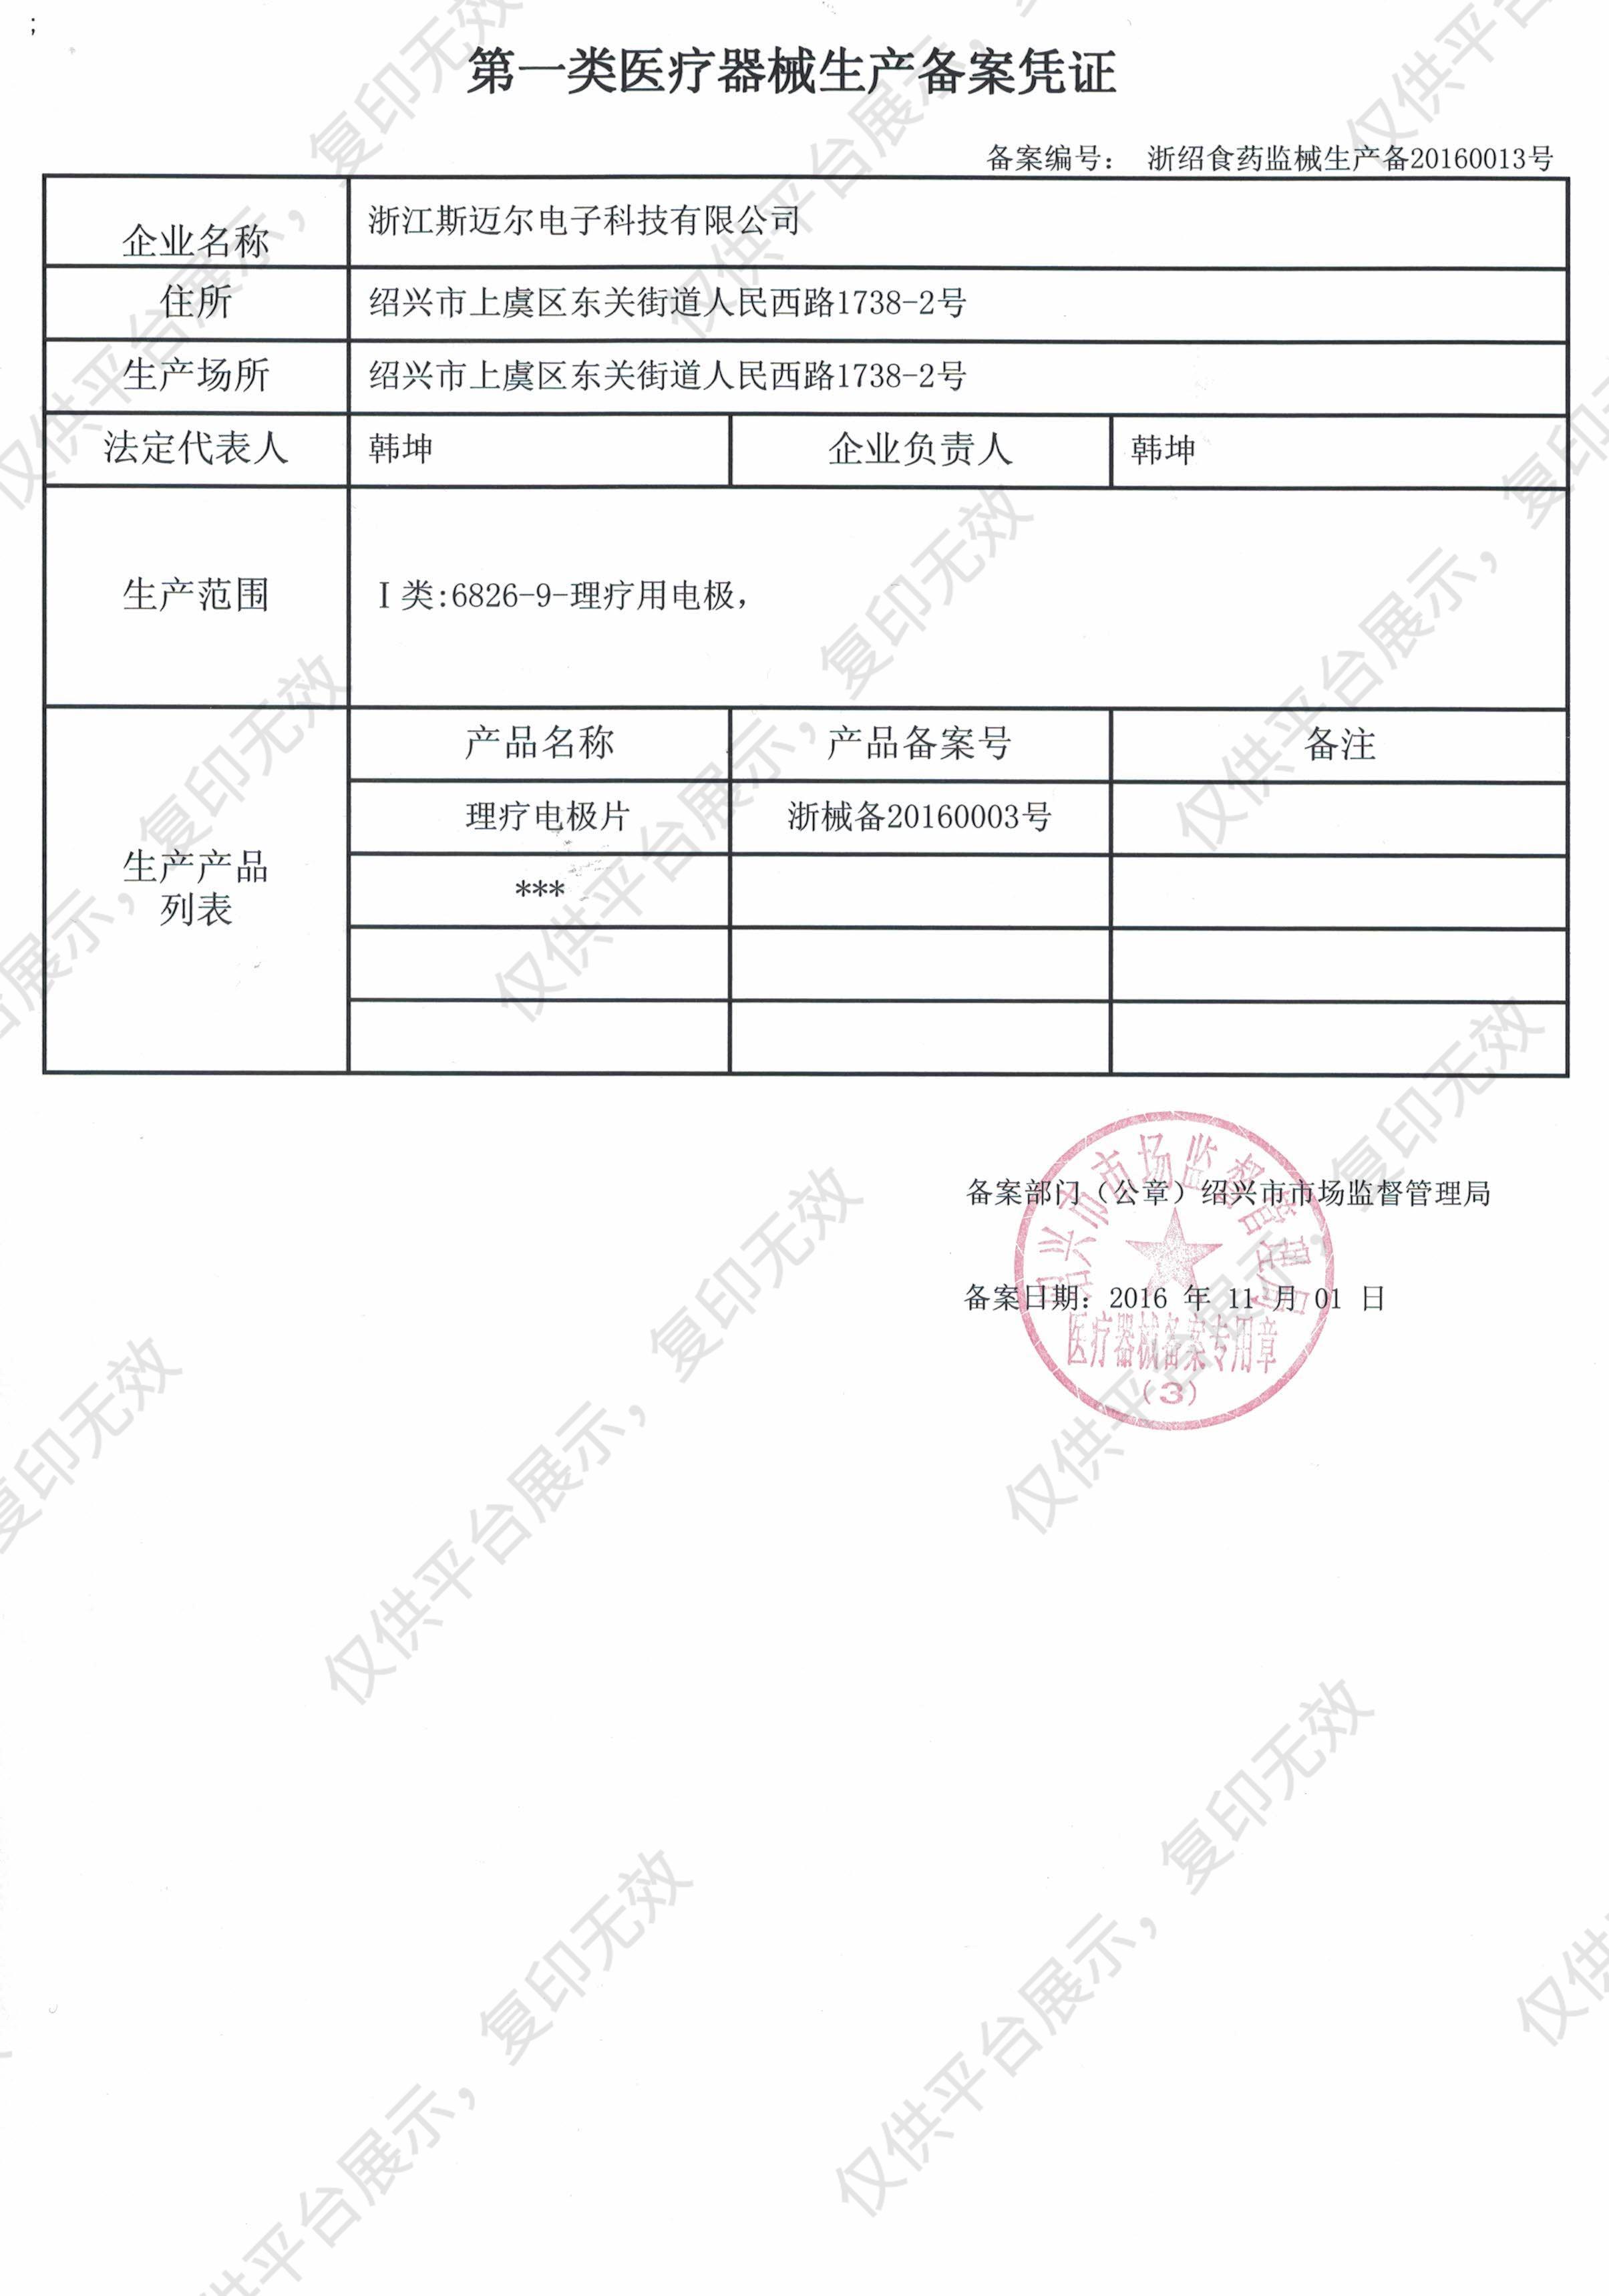 斯迈尔 理疗电极片4040 2.5接口 含药(2000片/箱)注册证